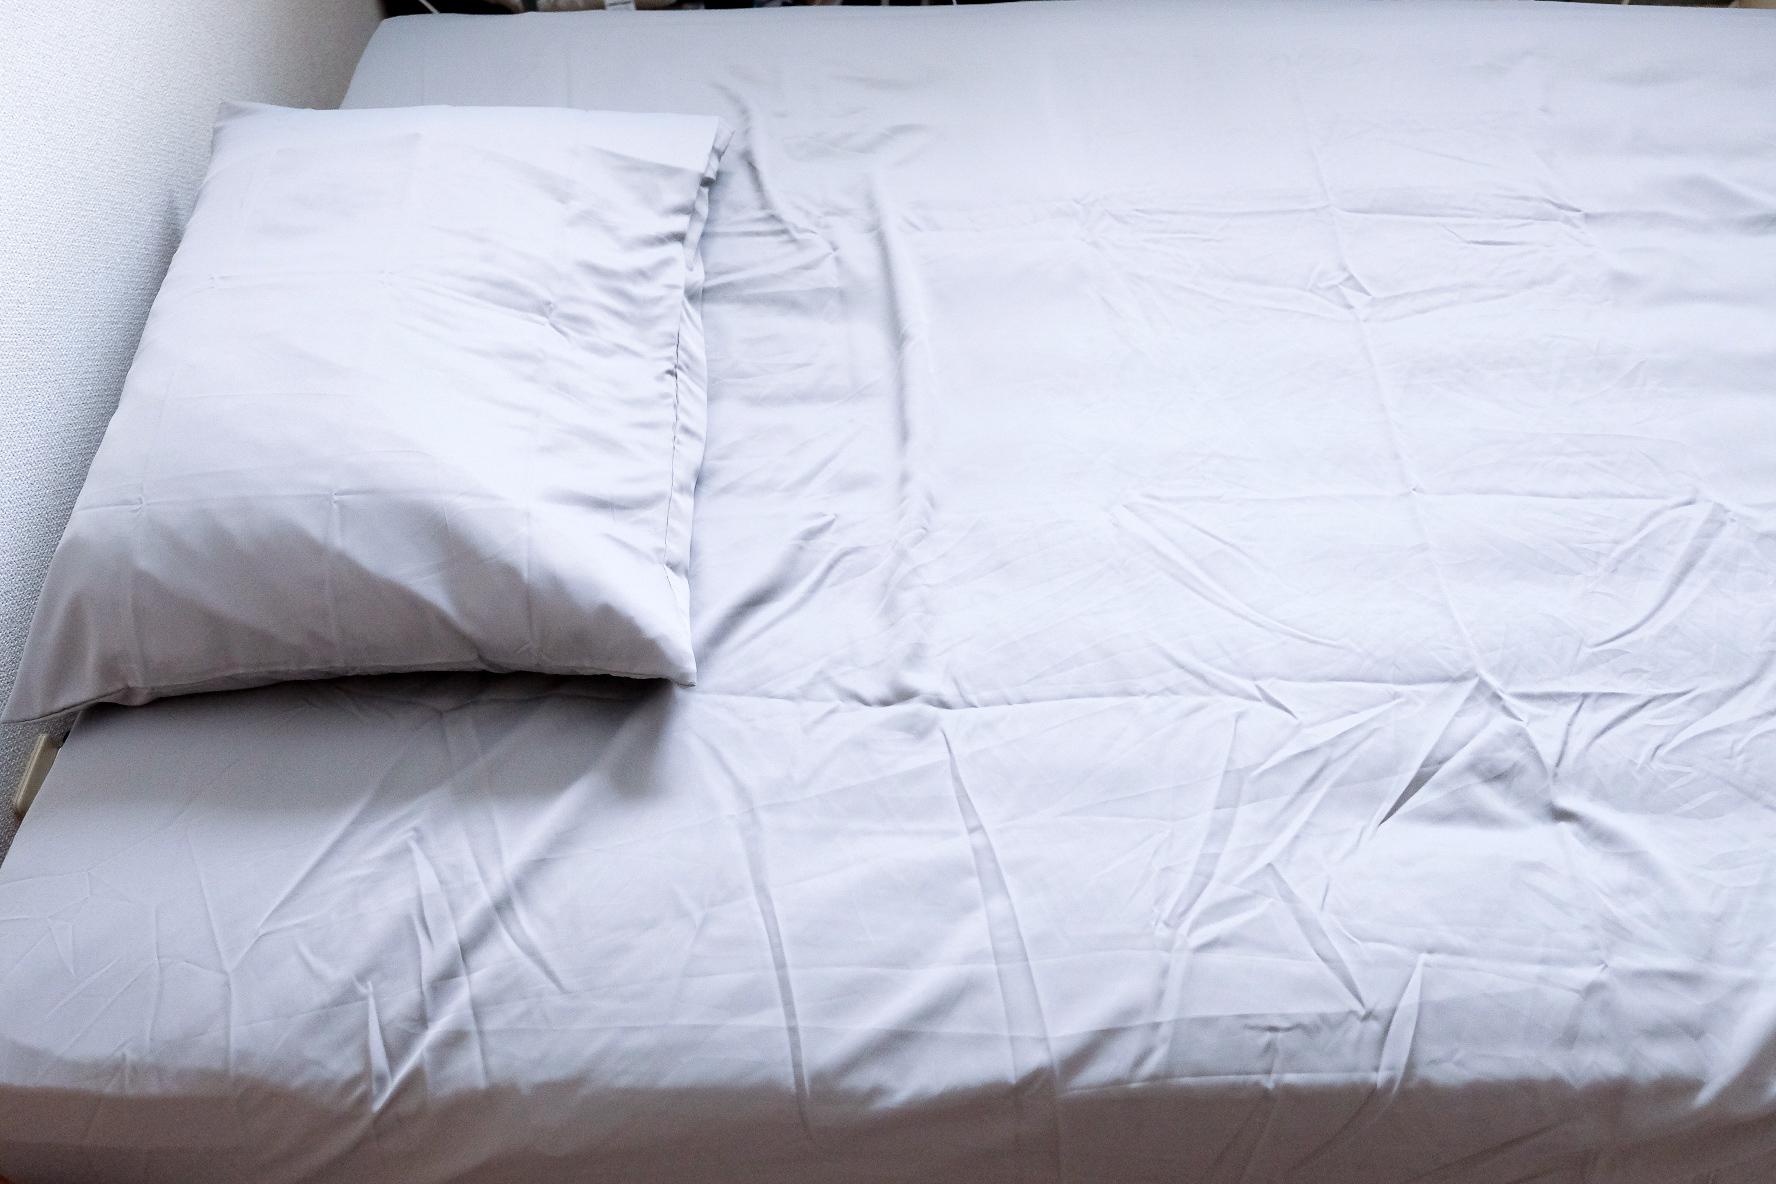 ボックス エア シーツ リズム ユニクロのエアリズム寝具で極上の眠りを!やみつきになるサラサラな肌触り